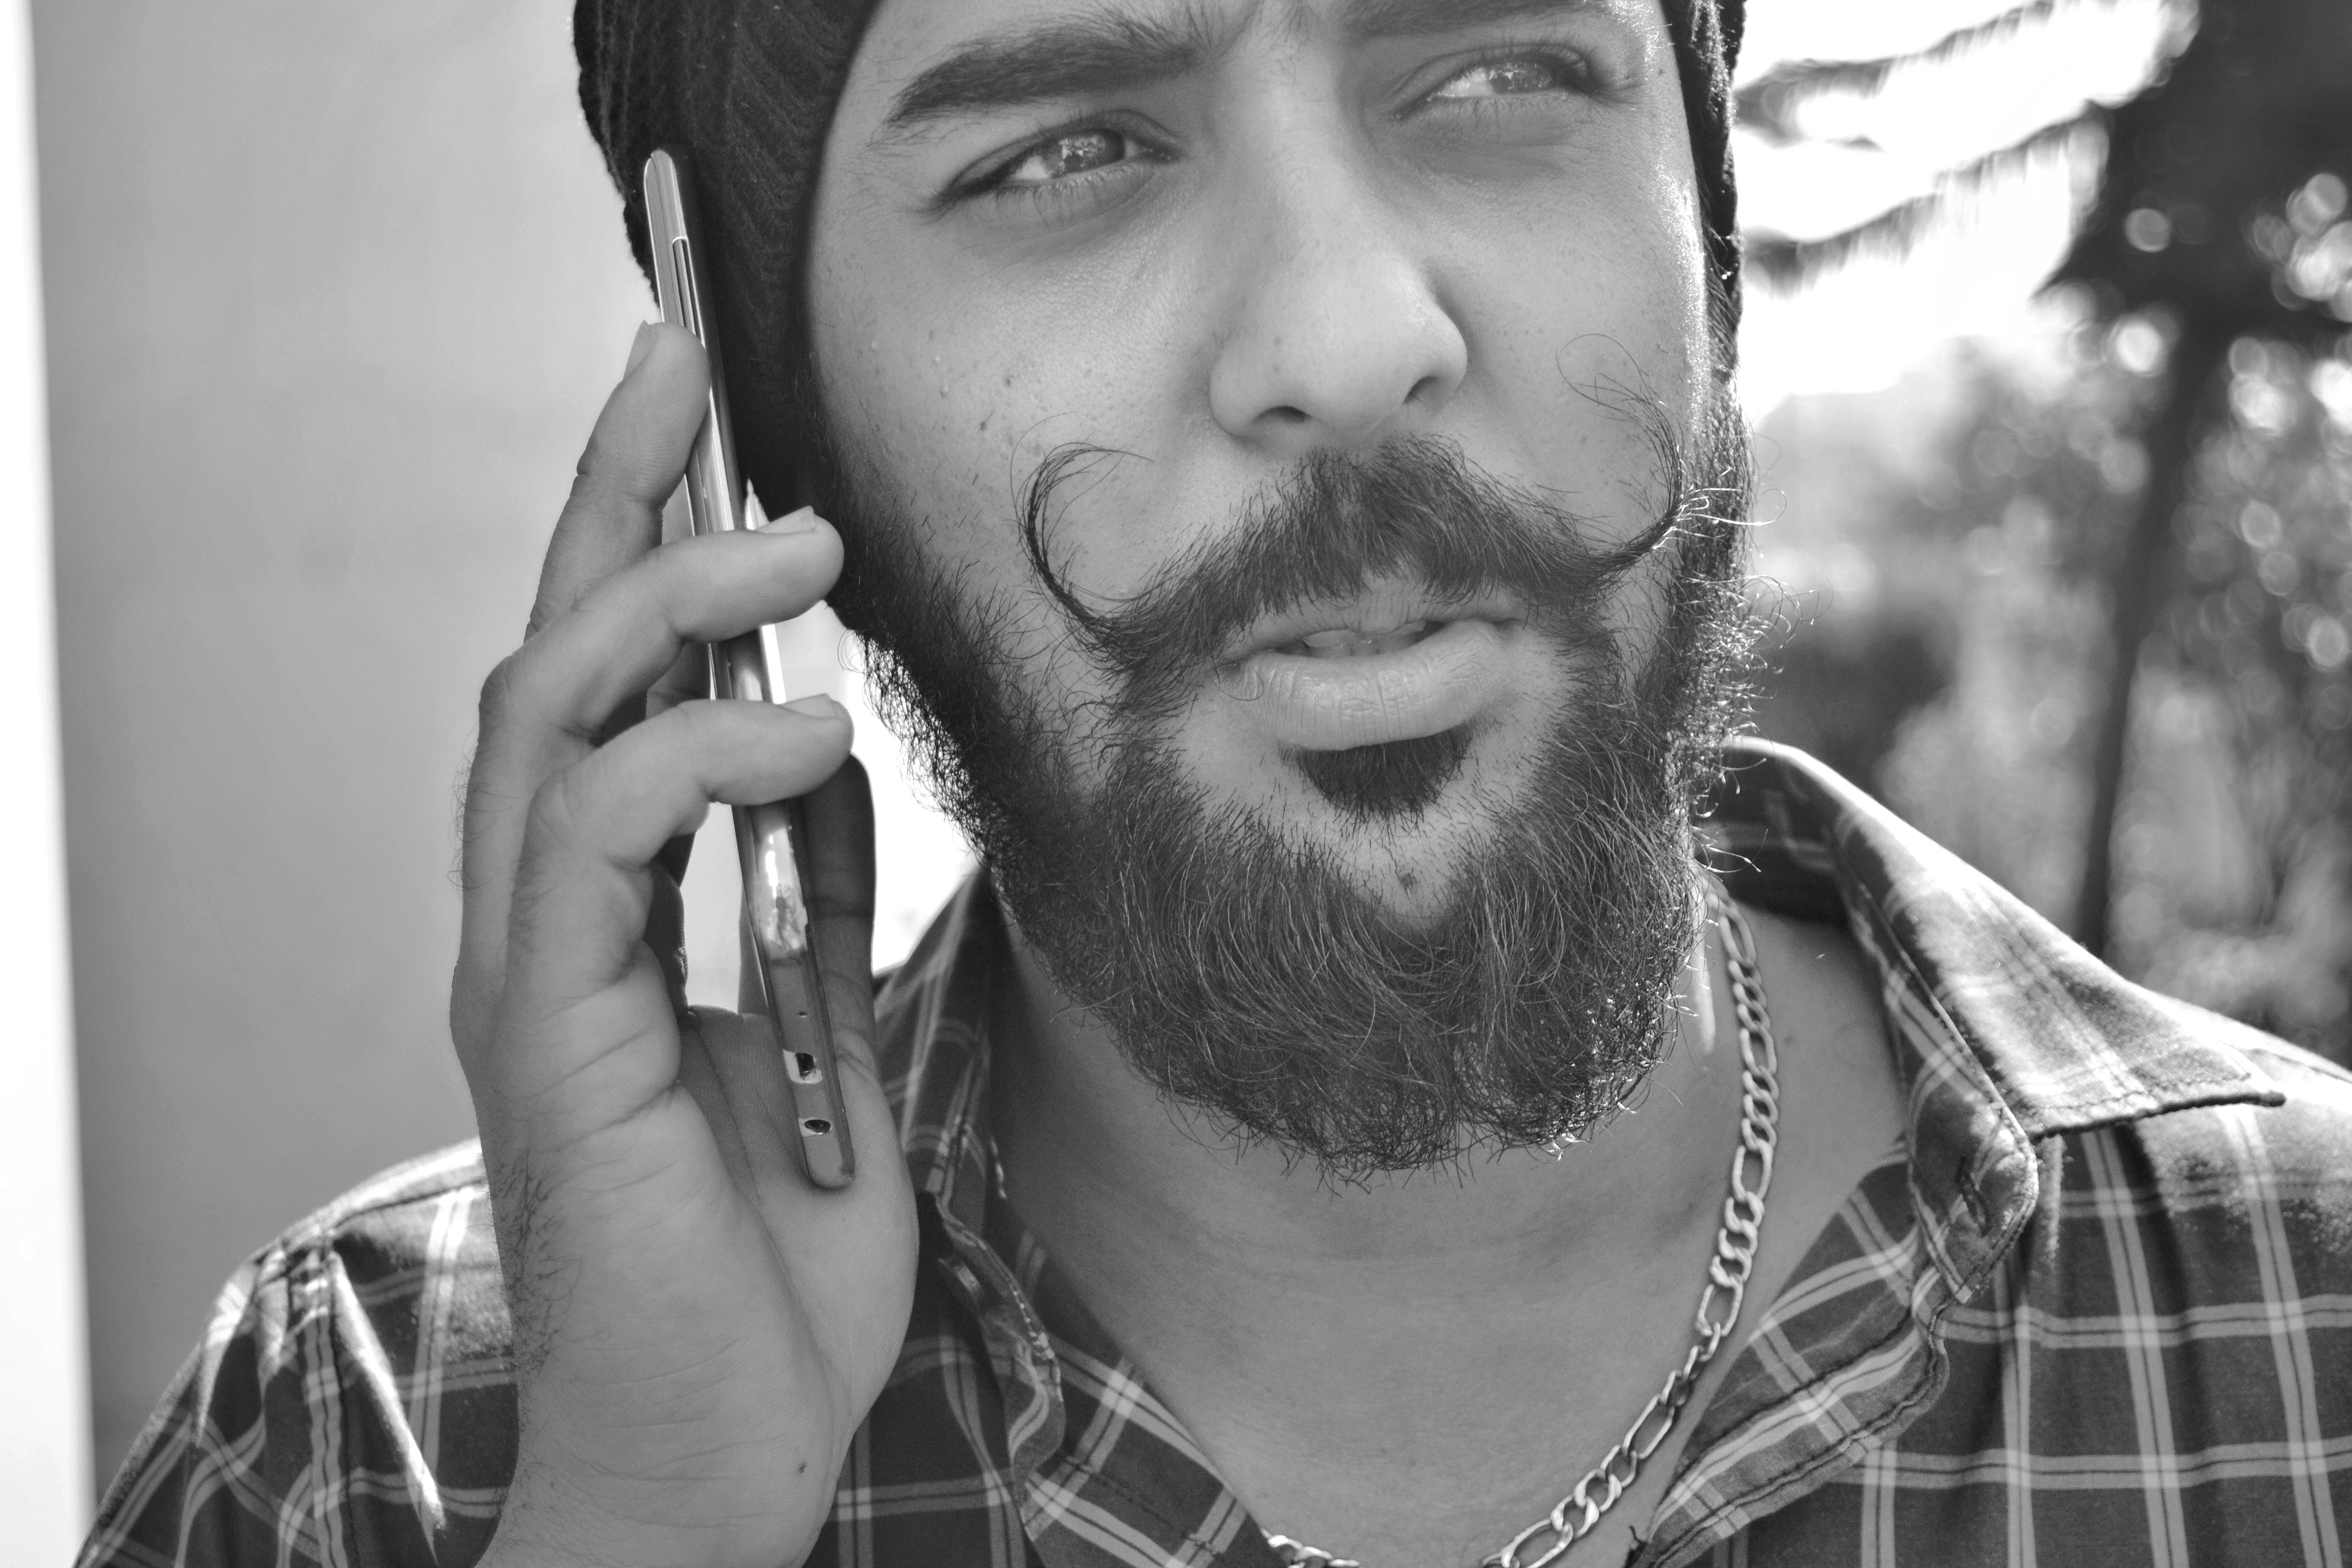 dicas-para-cuidar-do-seu-bigode